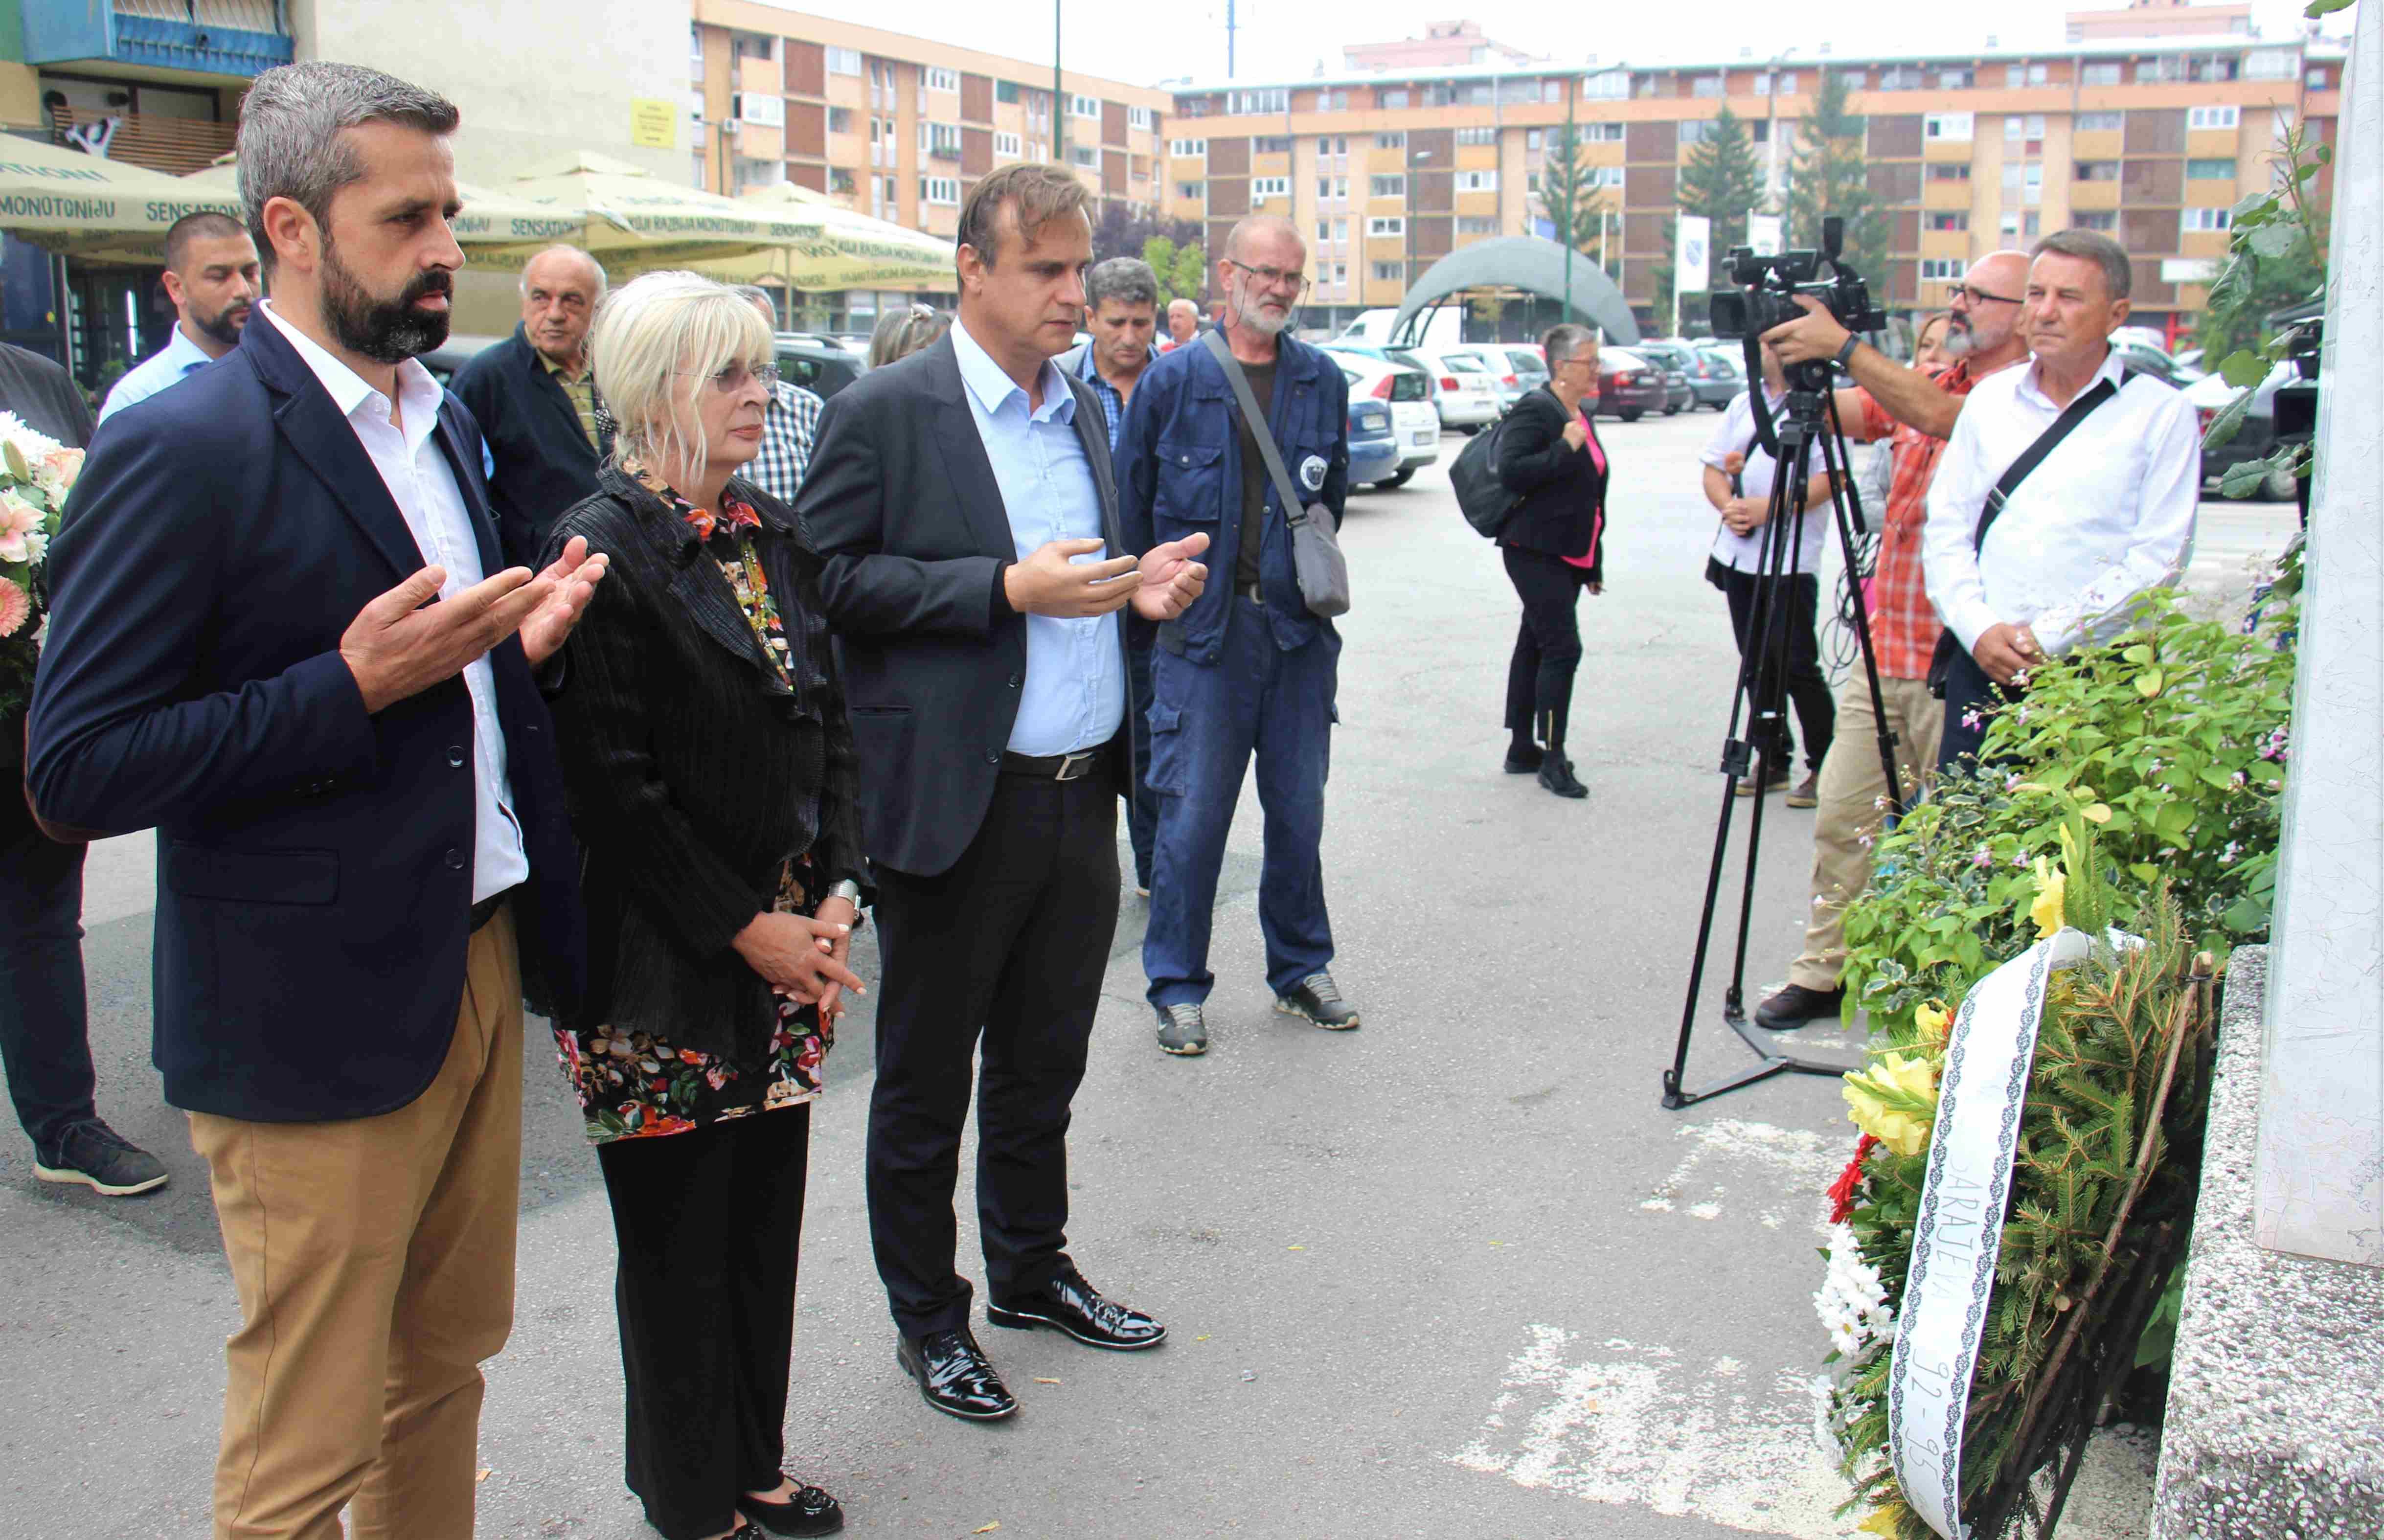 Obilježena godišnjica stradanja šest civila na Trgu heroja